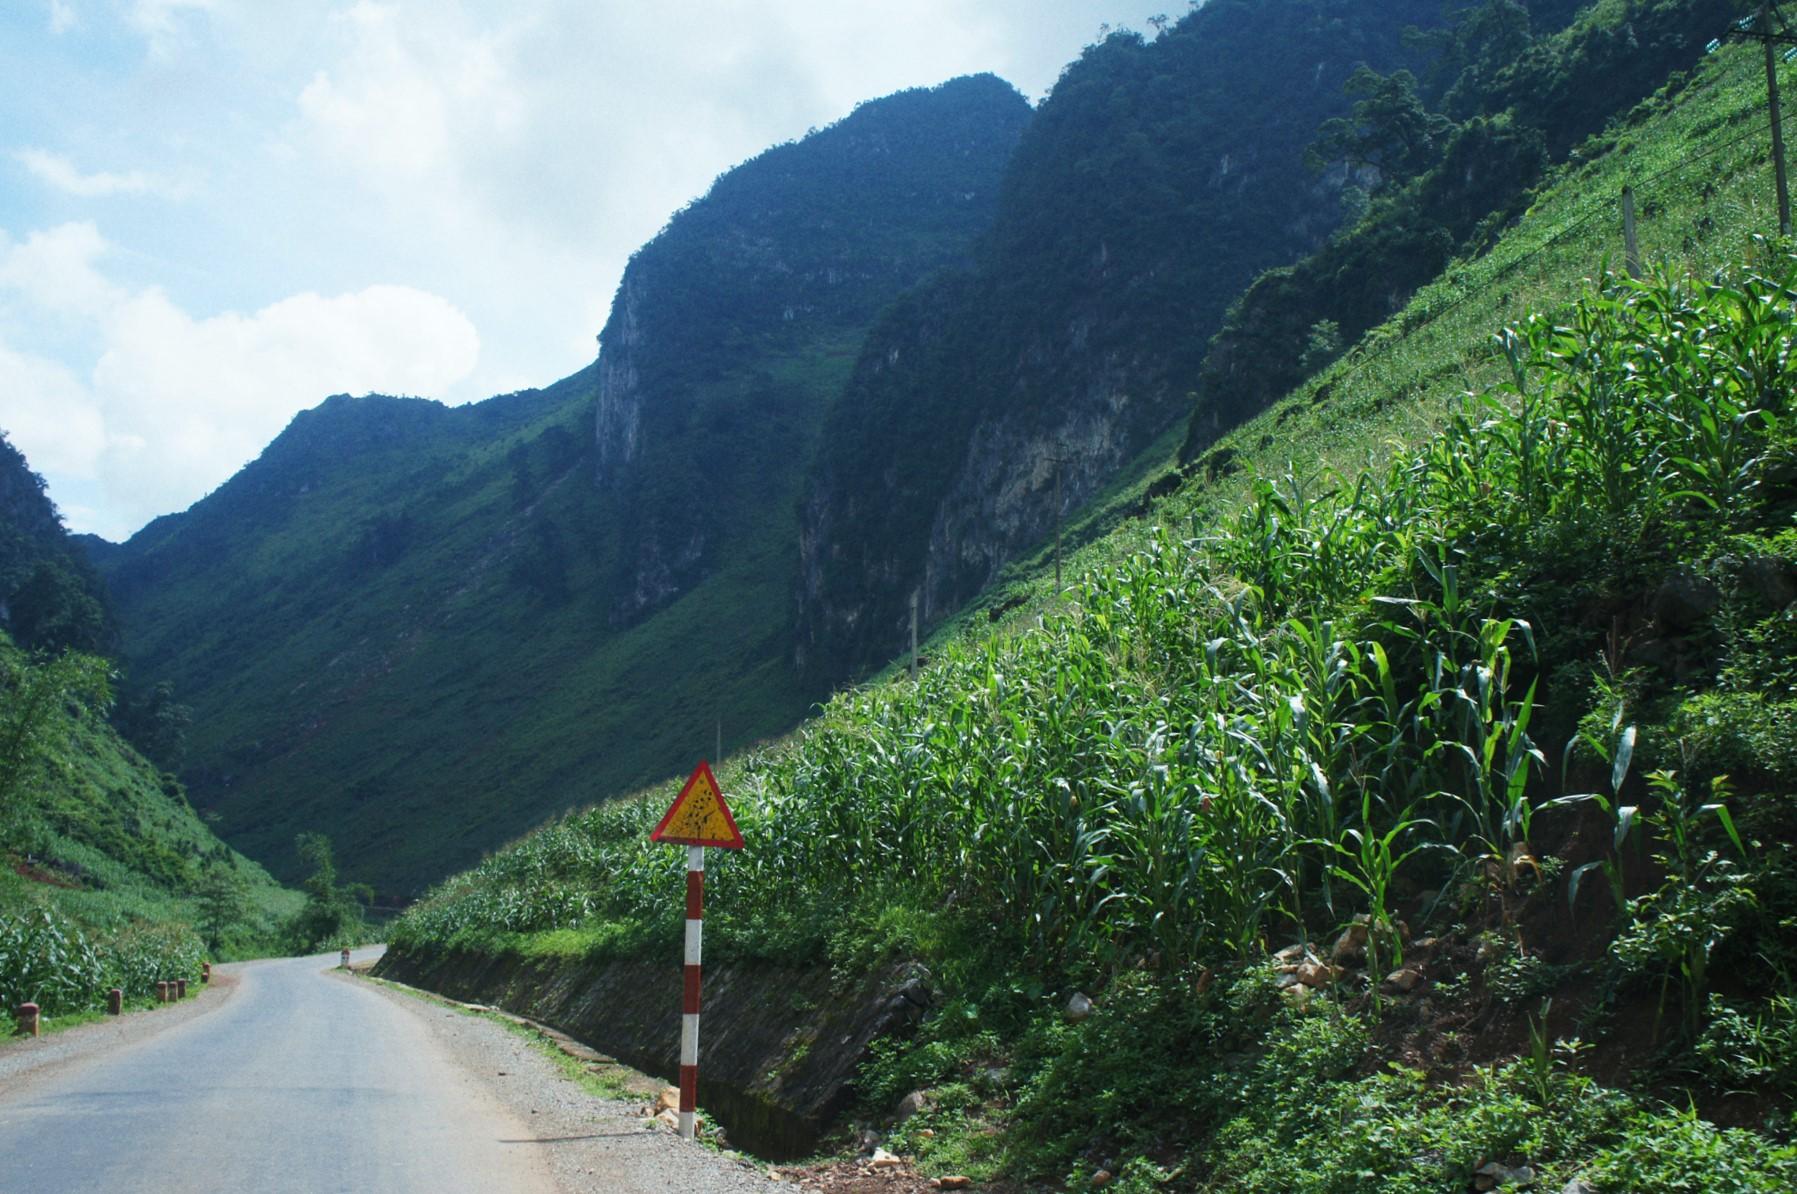 Mùa ngô xanh mướt trên cao nguyên đá Đồng Văn - 2